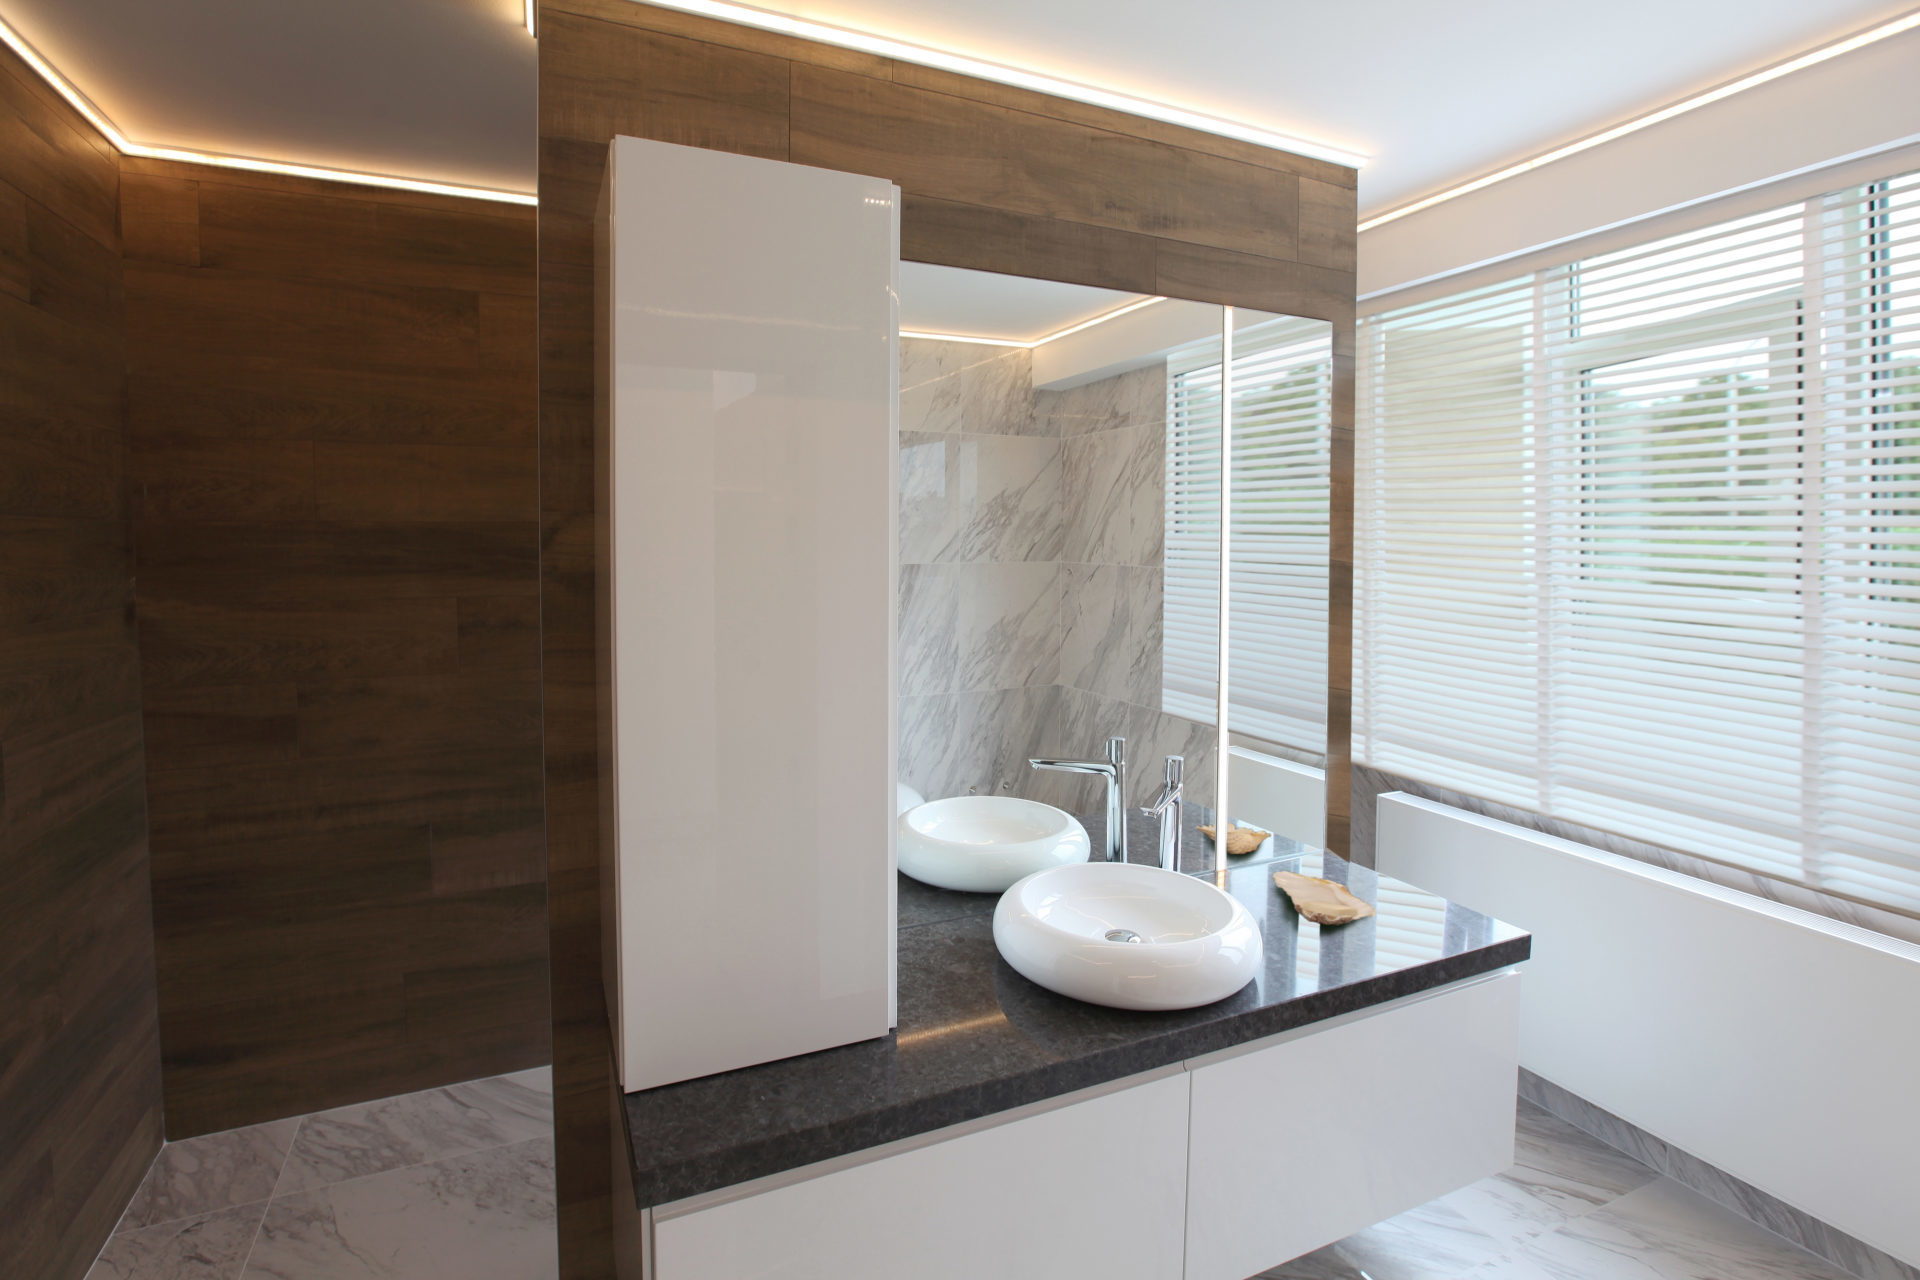 Badkamer Op Maat : Badkamers op maat marcotte style